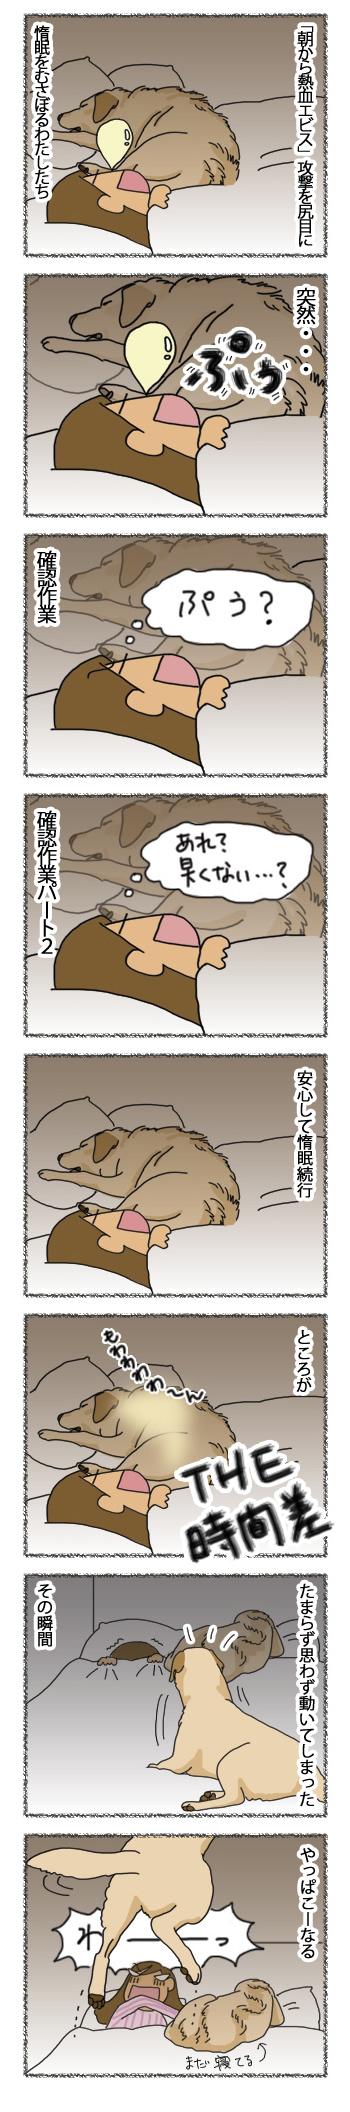 敗者の朝漫画